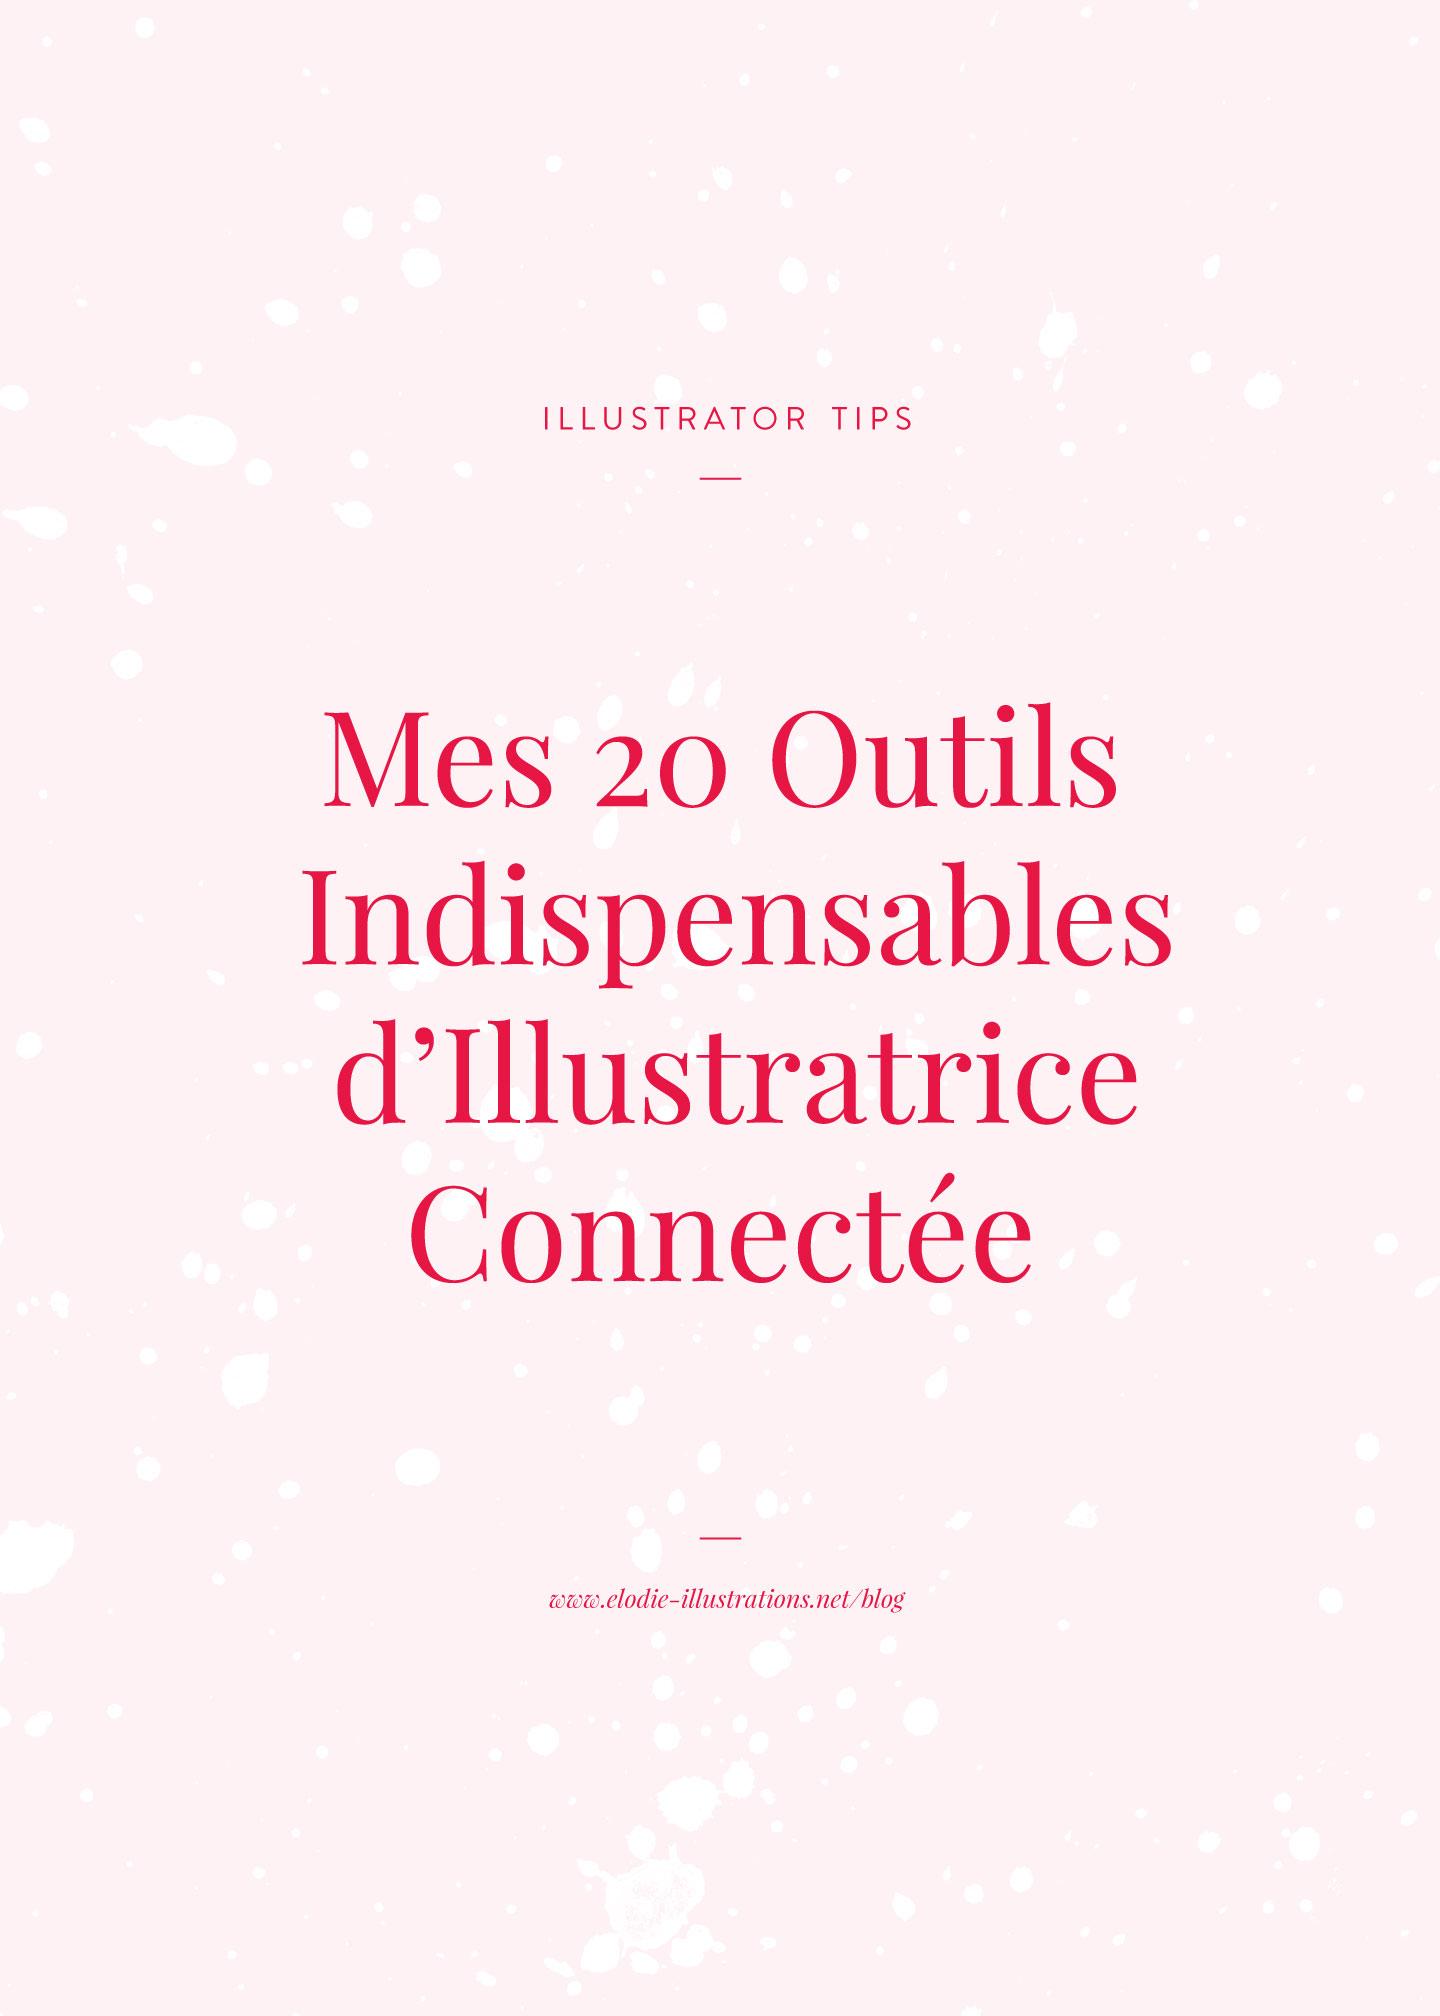 Mes 20 outils indispensables d'illustratrice connectée pour créer et être plus productive - Cliquez pour découvrir l'article